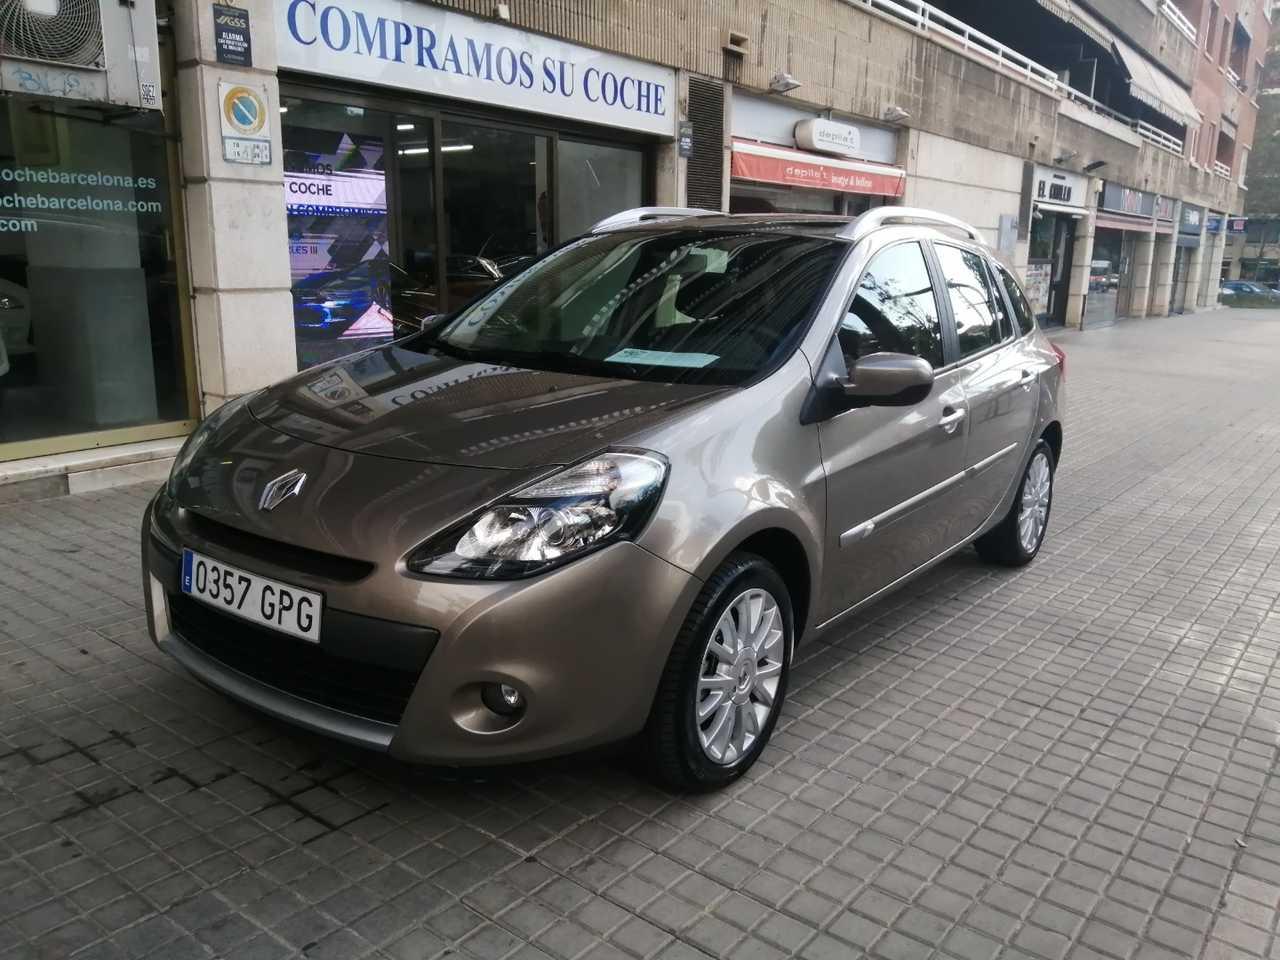 Renault Clio Diésel en Barcelona